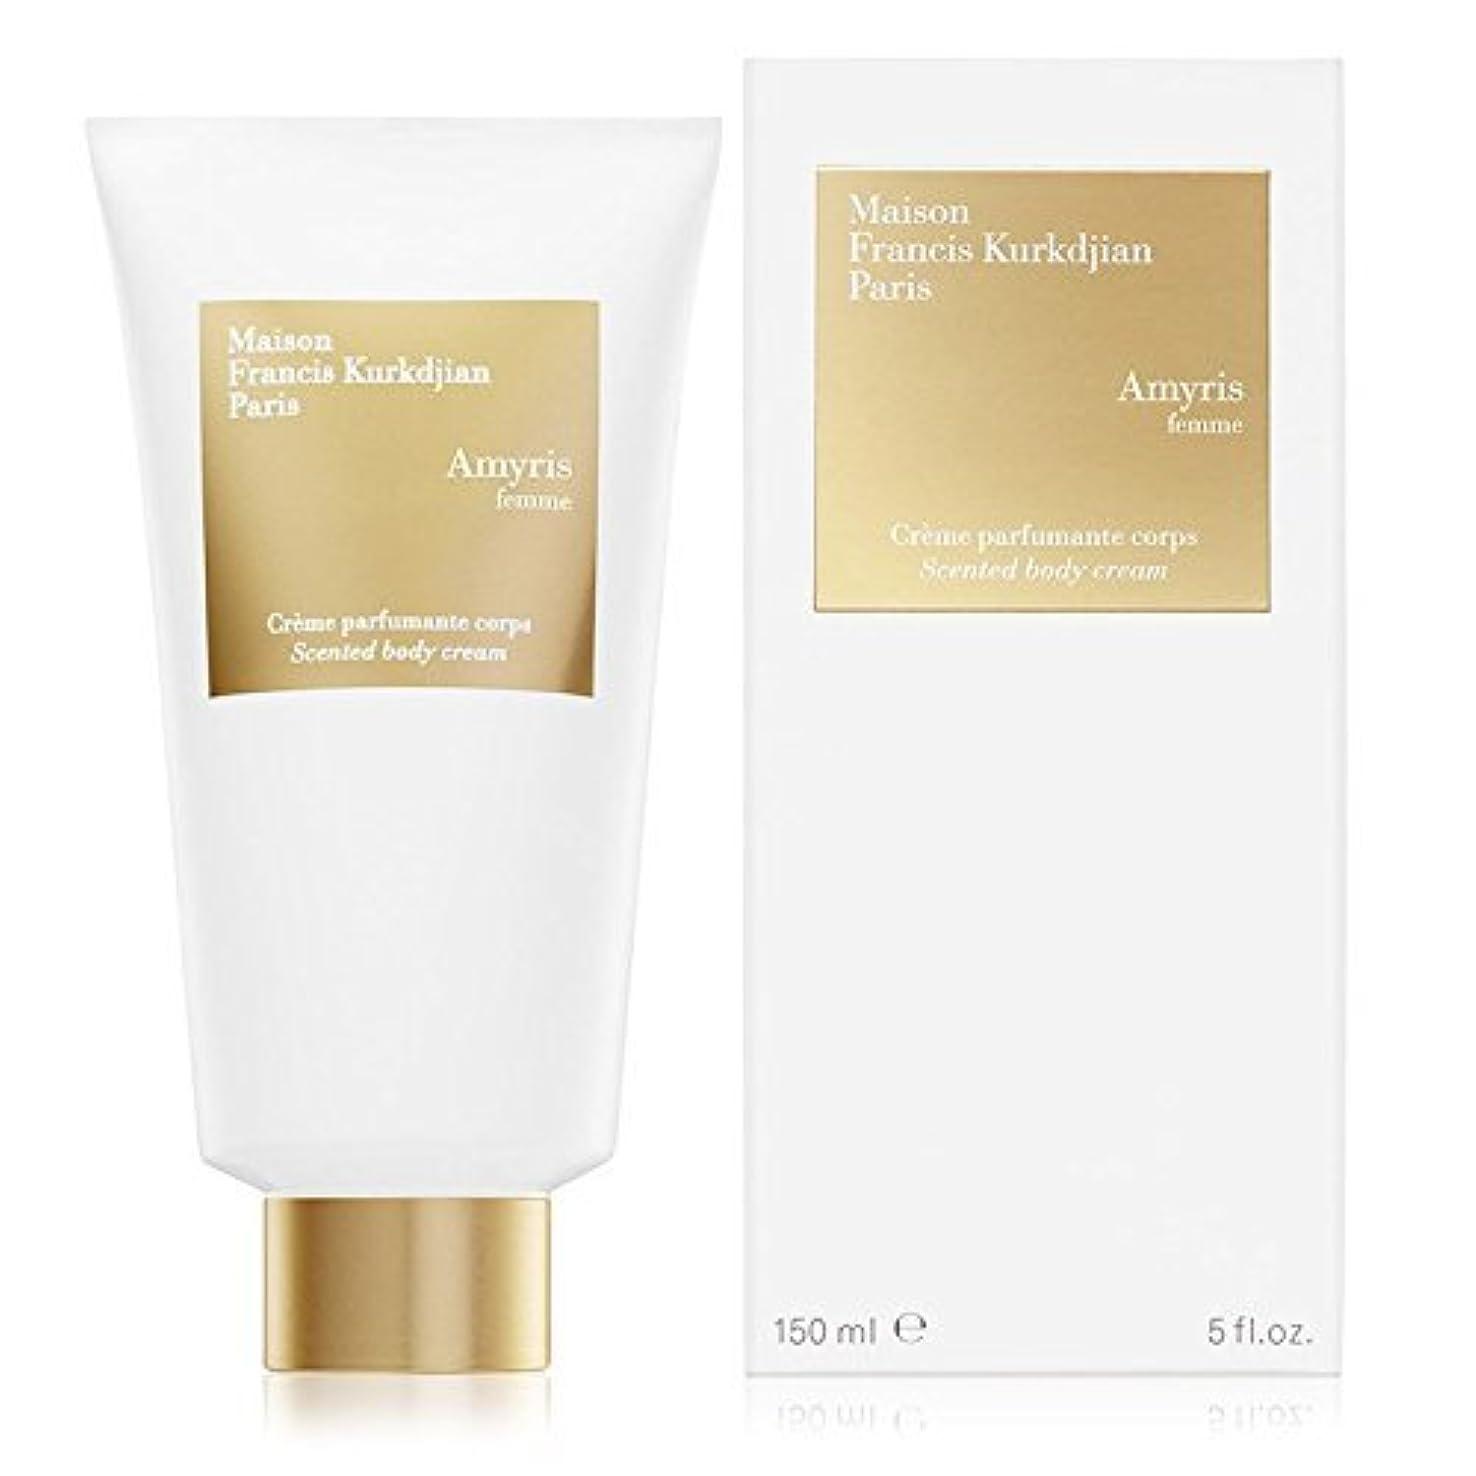 最近指定ドメインMaison Francis Kurkdjian Amyris Femme Scented Body Cream(メゾン フランシス クルジャン アミリス ファム ボディクリーム)150ml [並行輸入品]